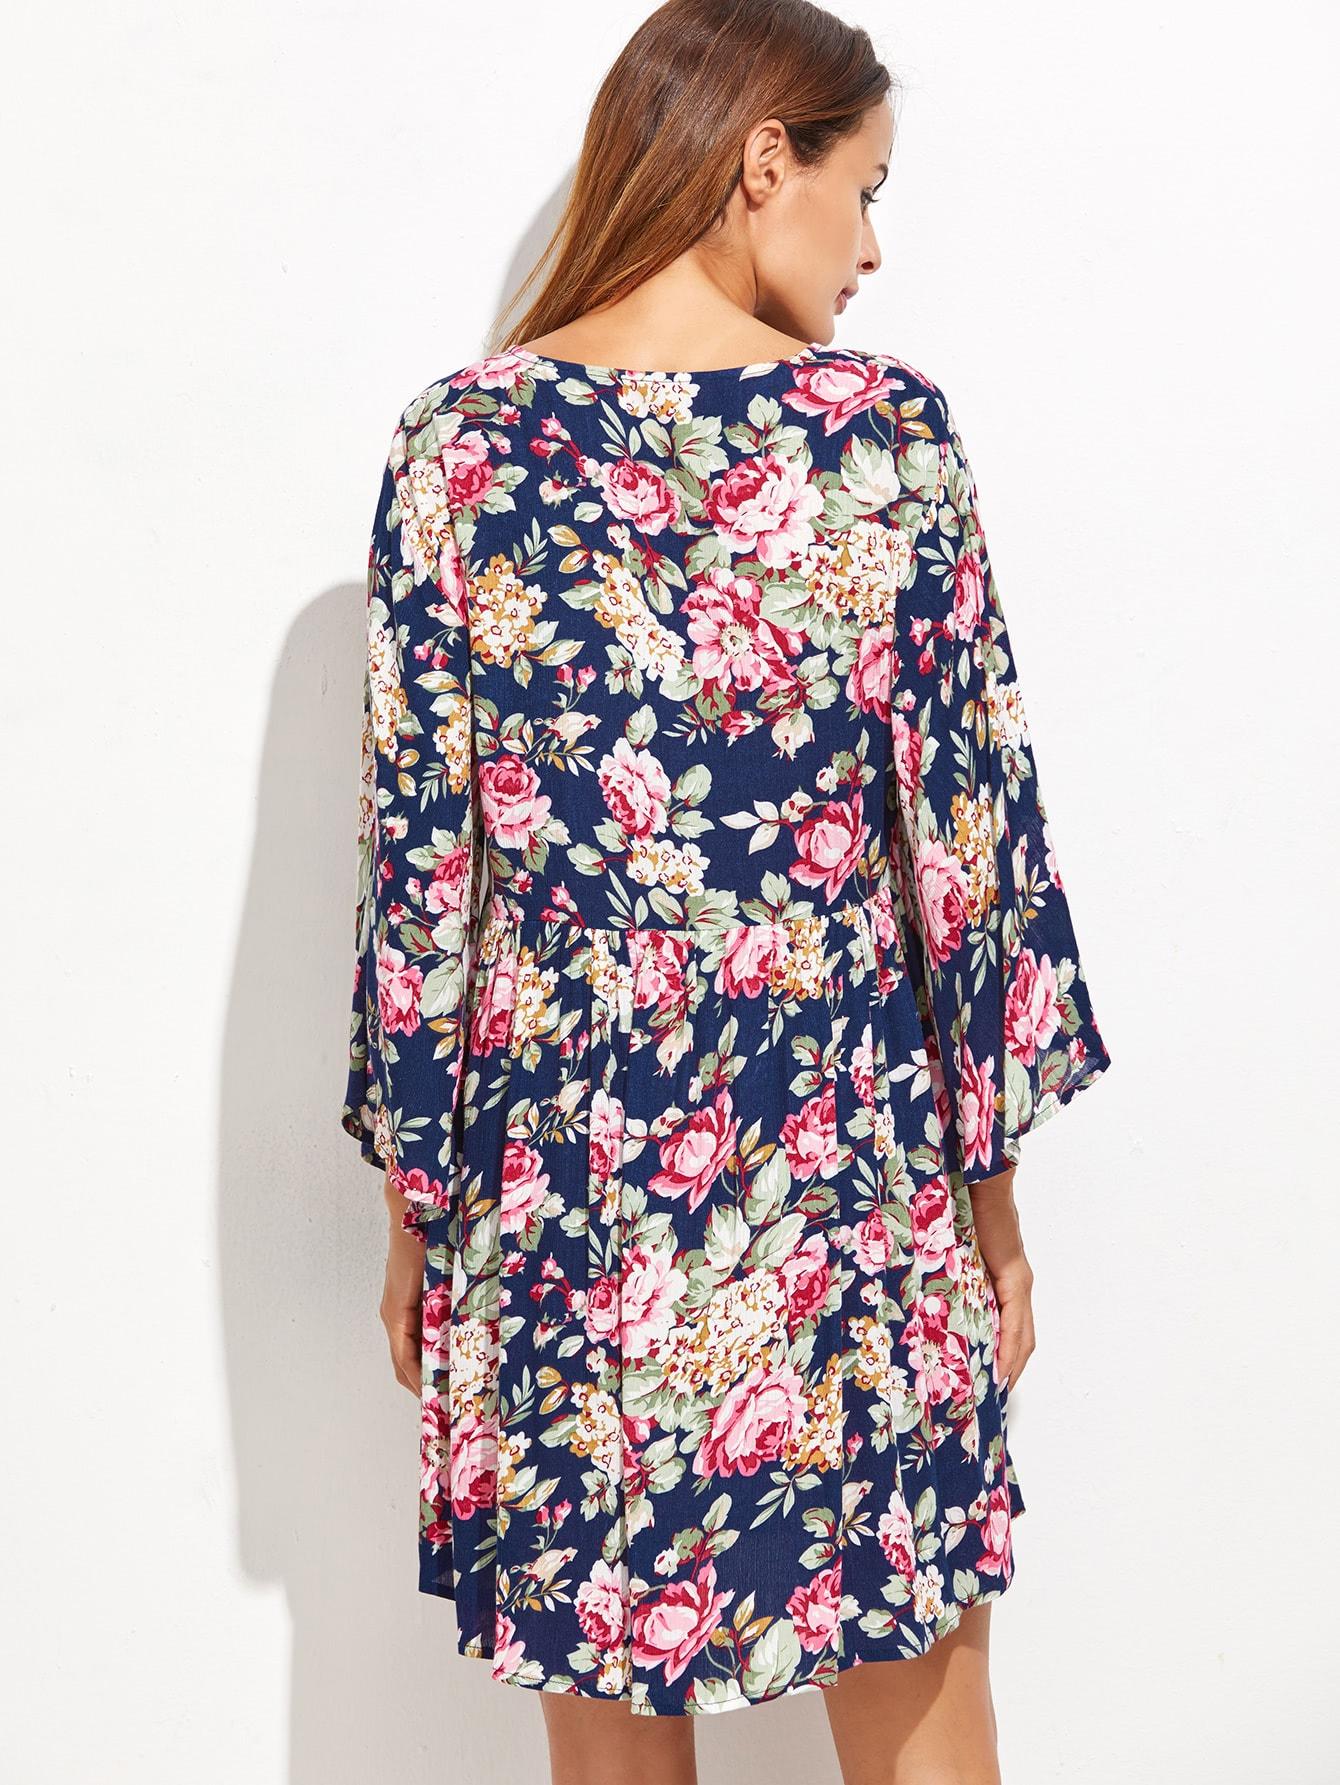 dress161024471_2